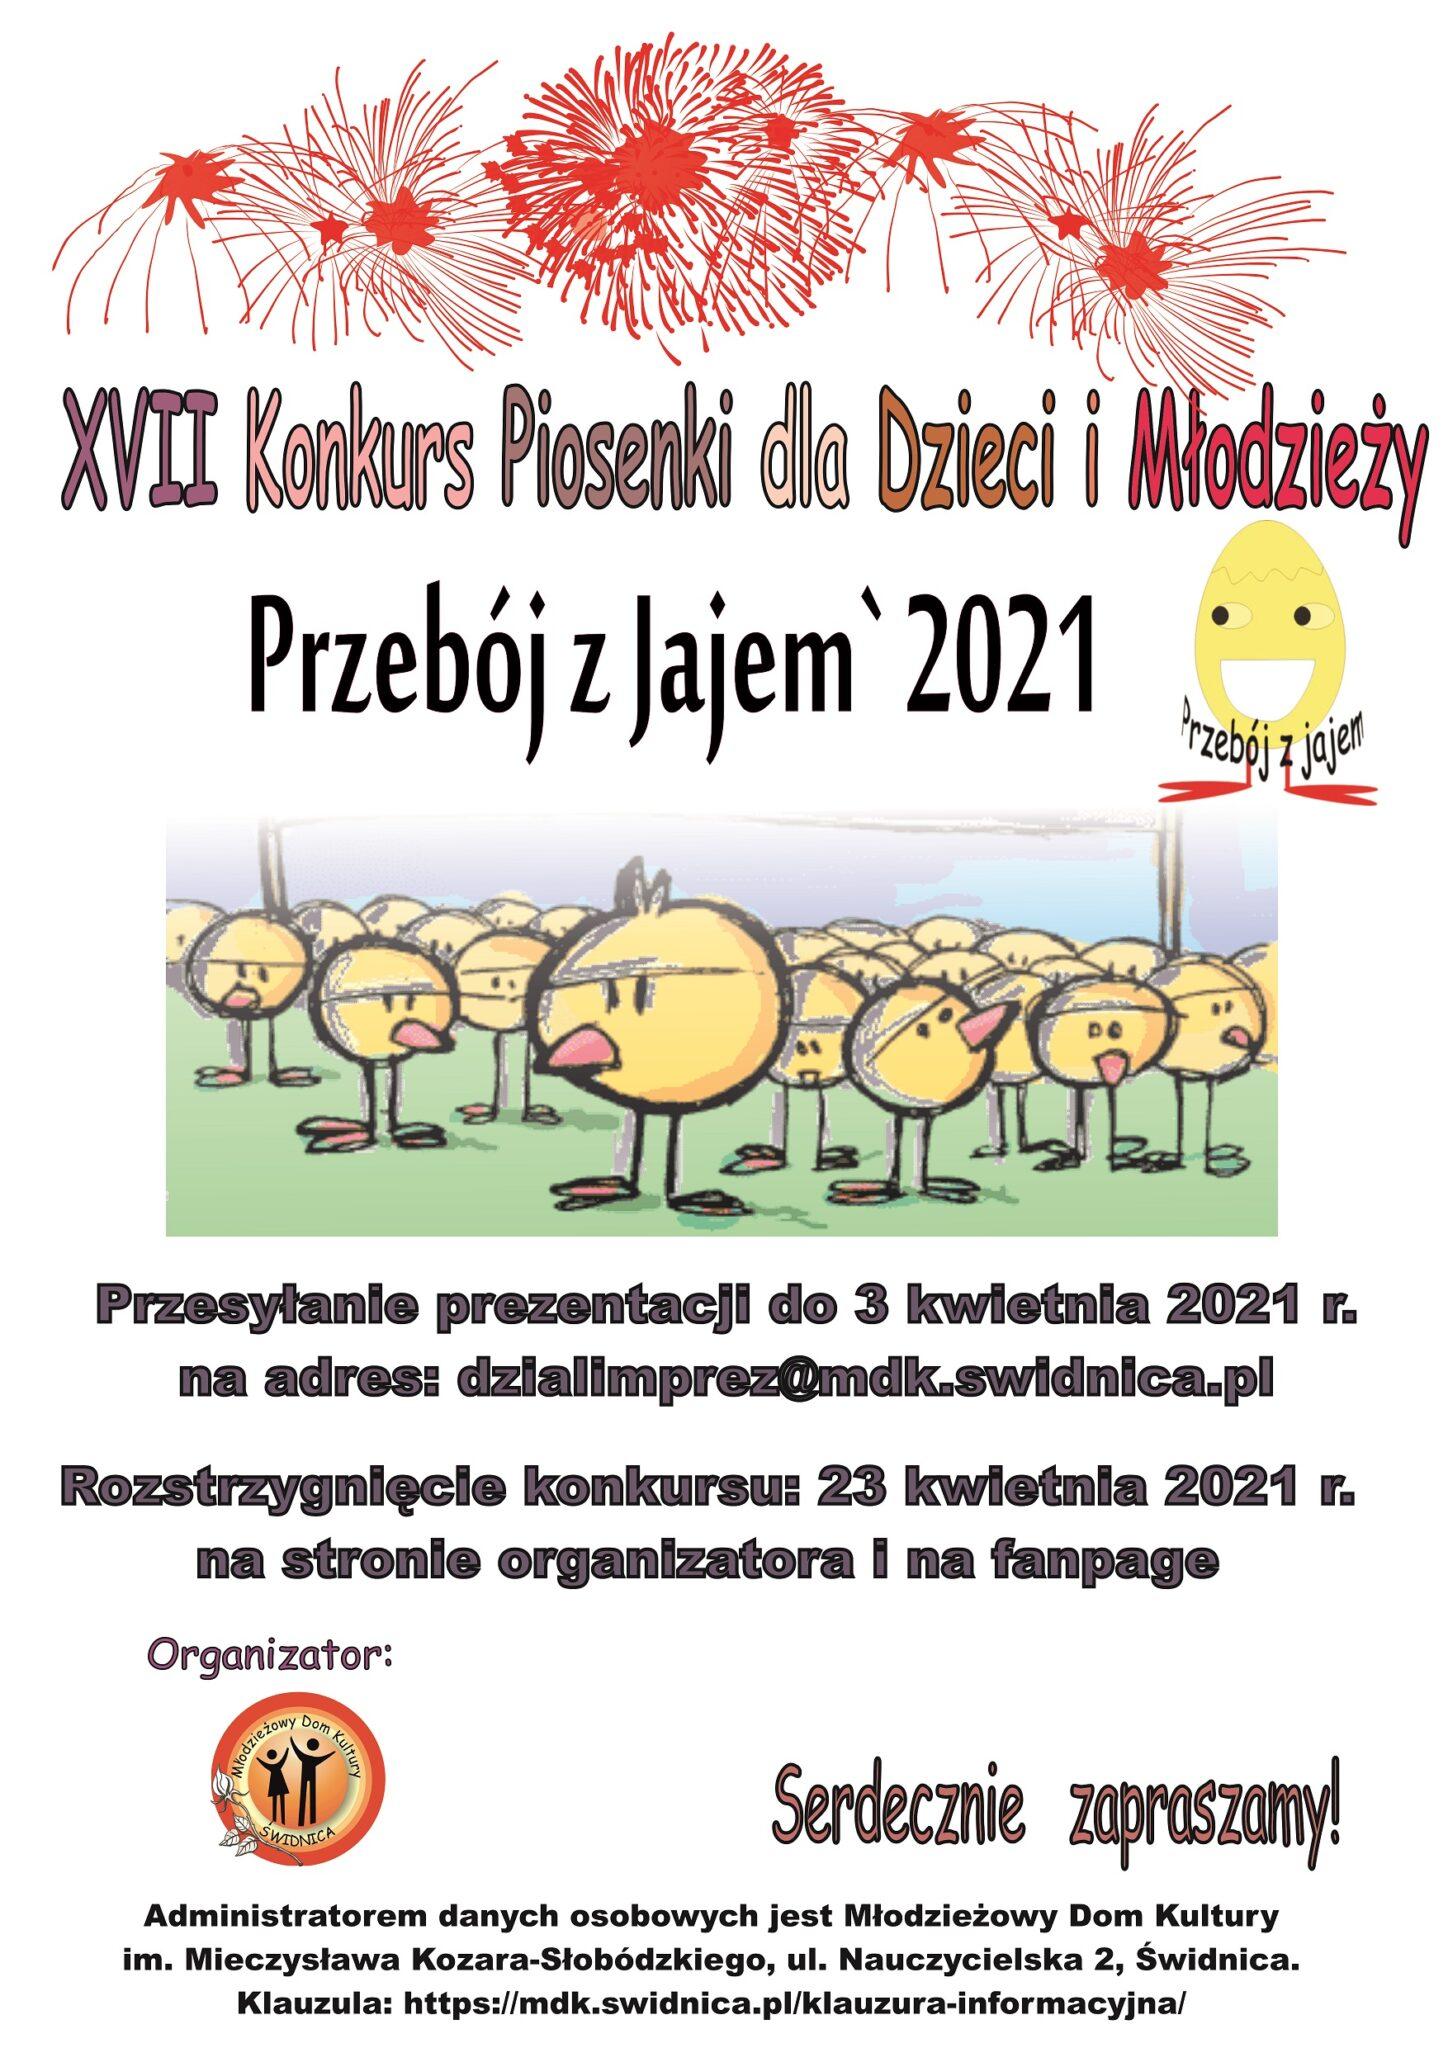 """XVII Konkurs Piosenki dla Dzieci i Młodzieży """"PRZEBÓJ z JAJEM`2021"""" on line"""